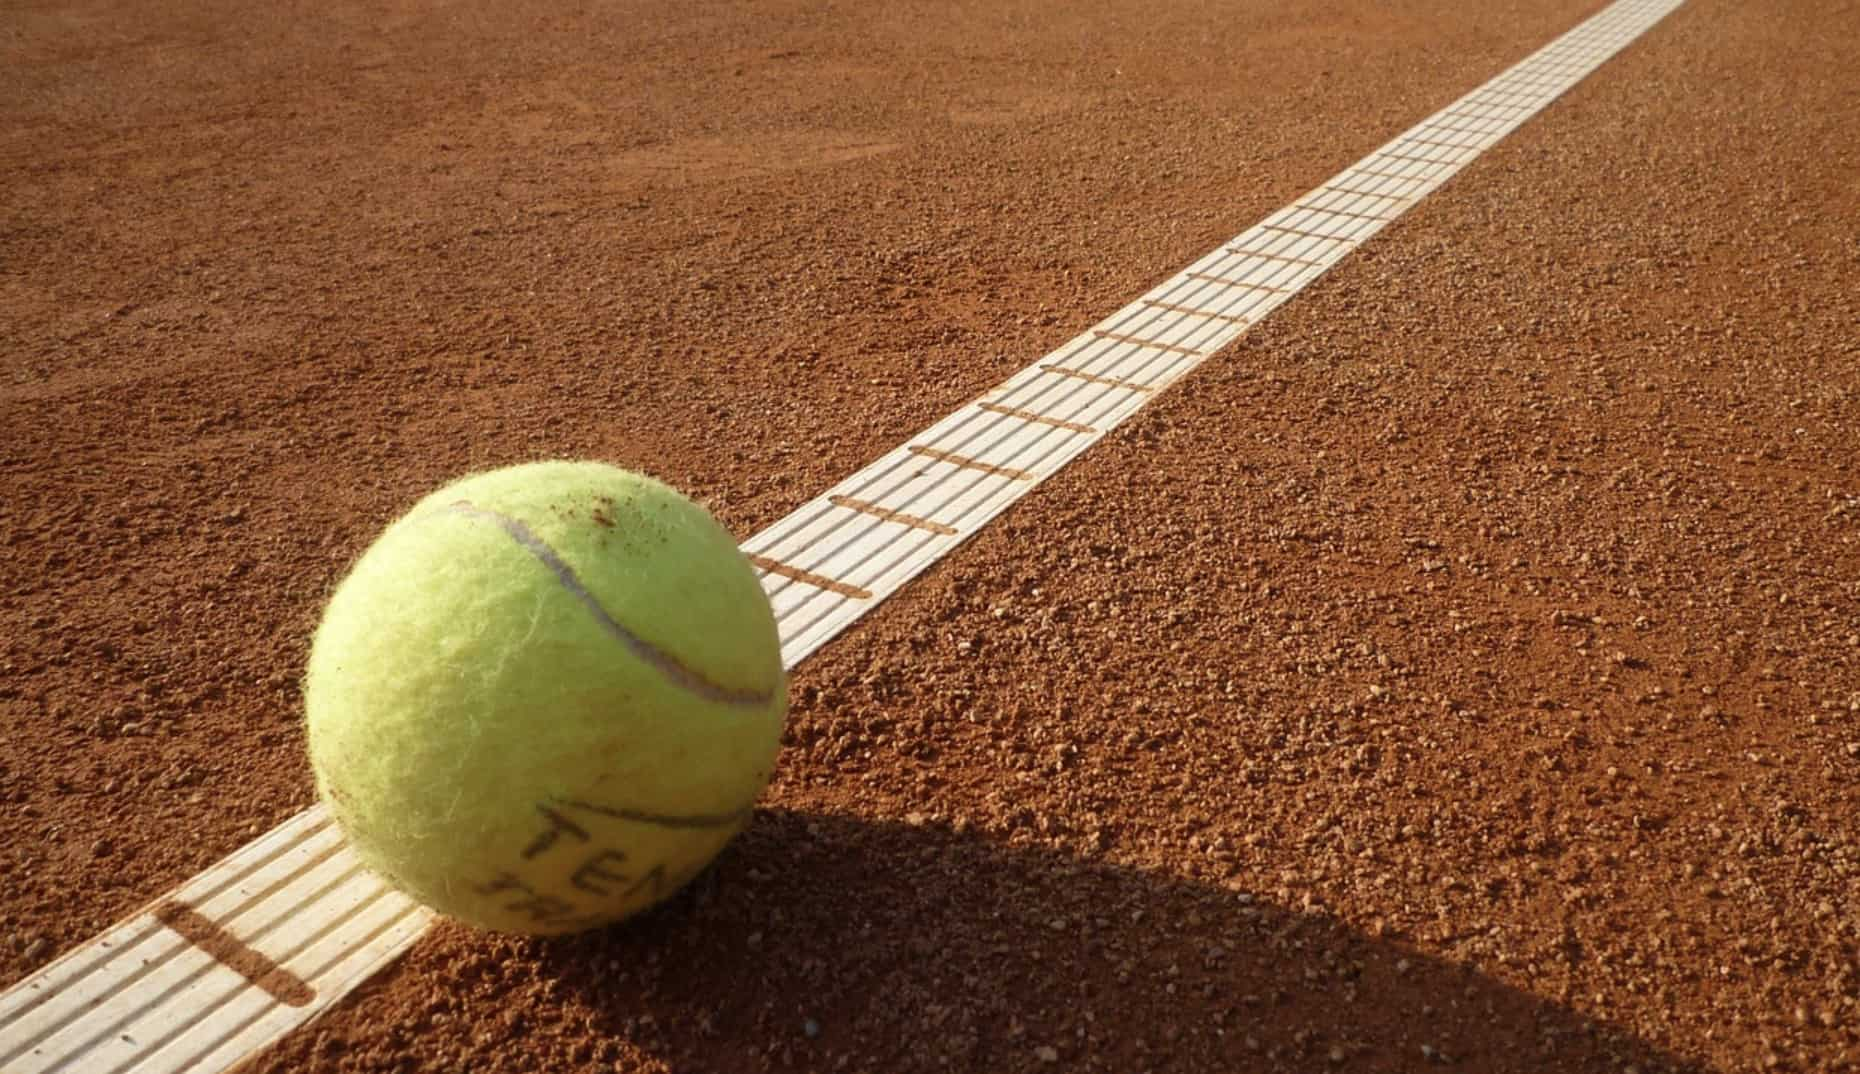 Pewniaki tenis na dziś - 1 grudnia (sobota)